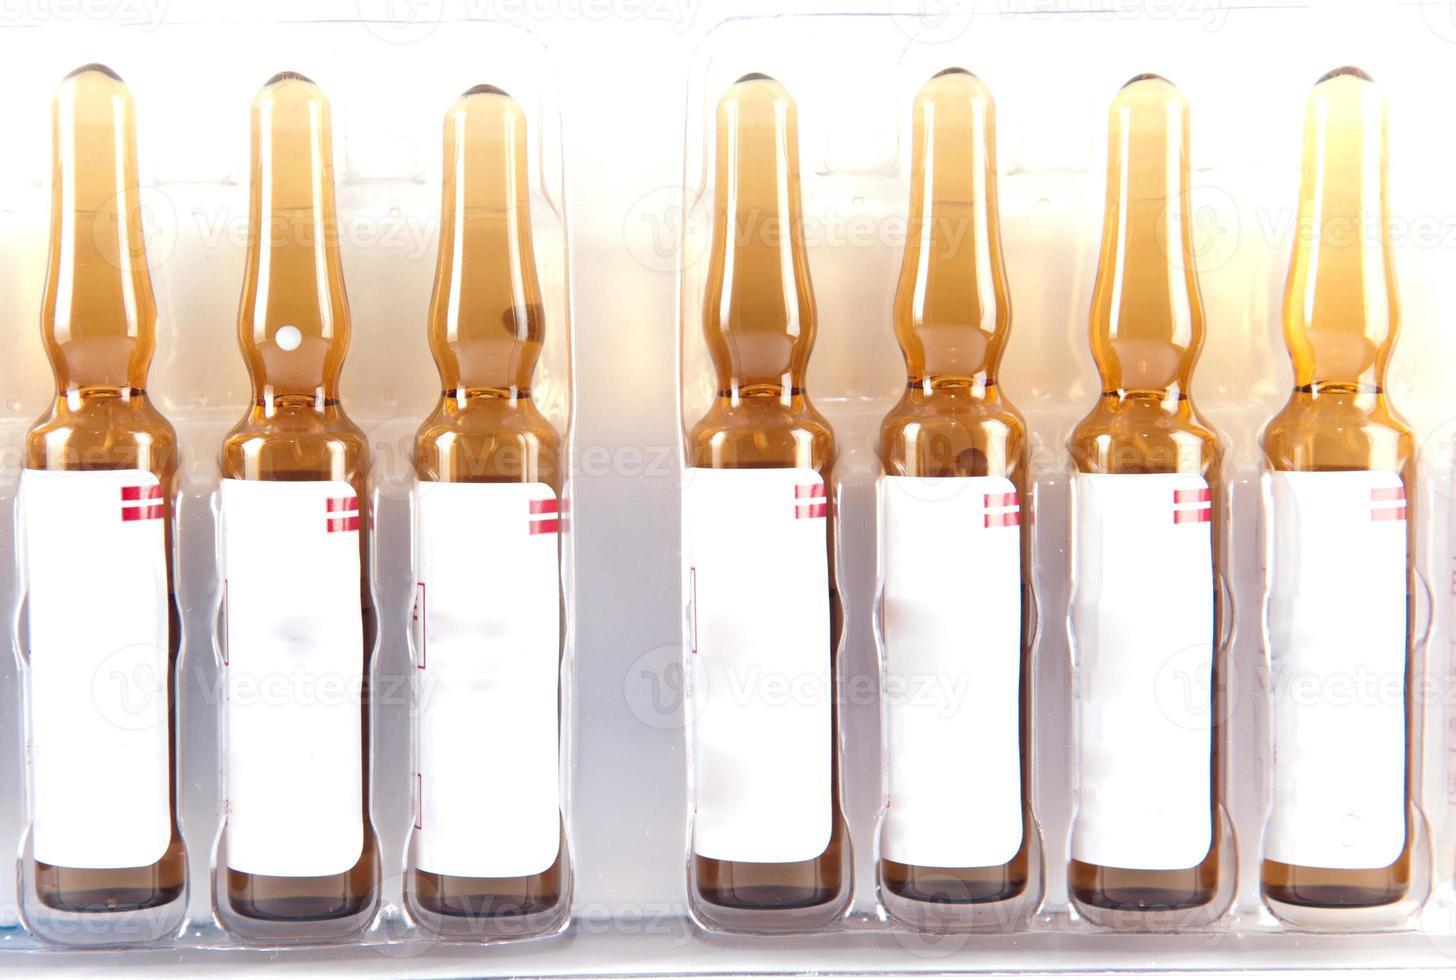 ampolla de inyección de medicamentos foto